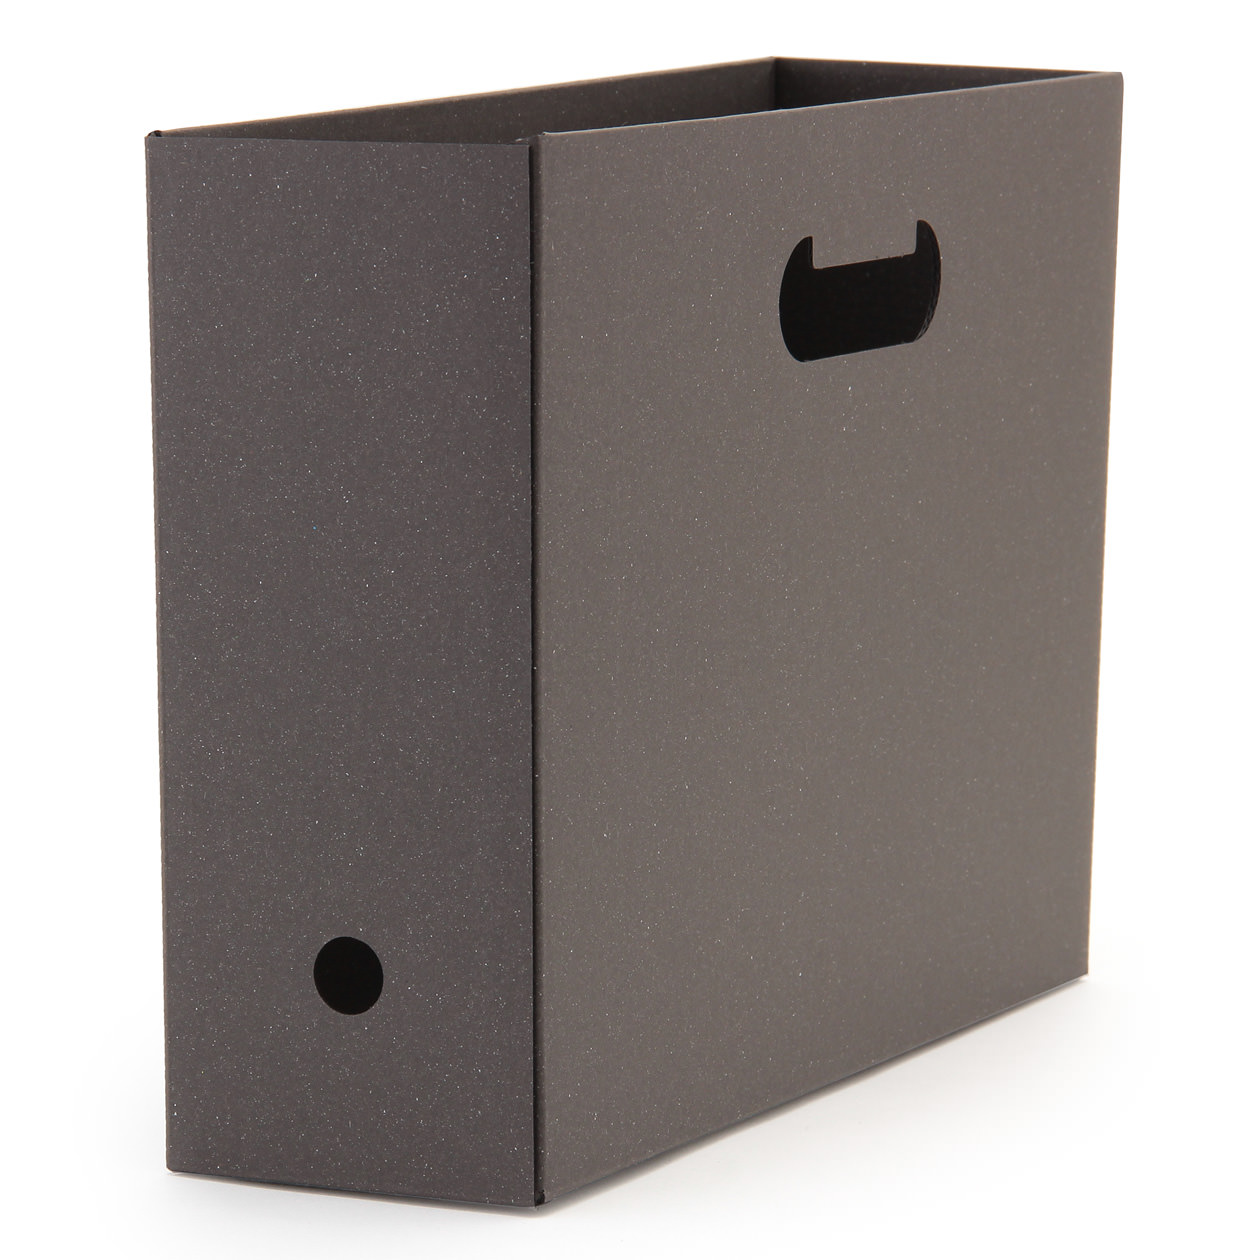 ワンタッチで組み立てられるダンボールファイルボックス5枚組の写真